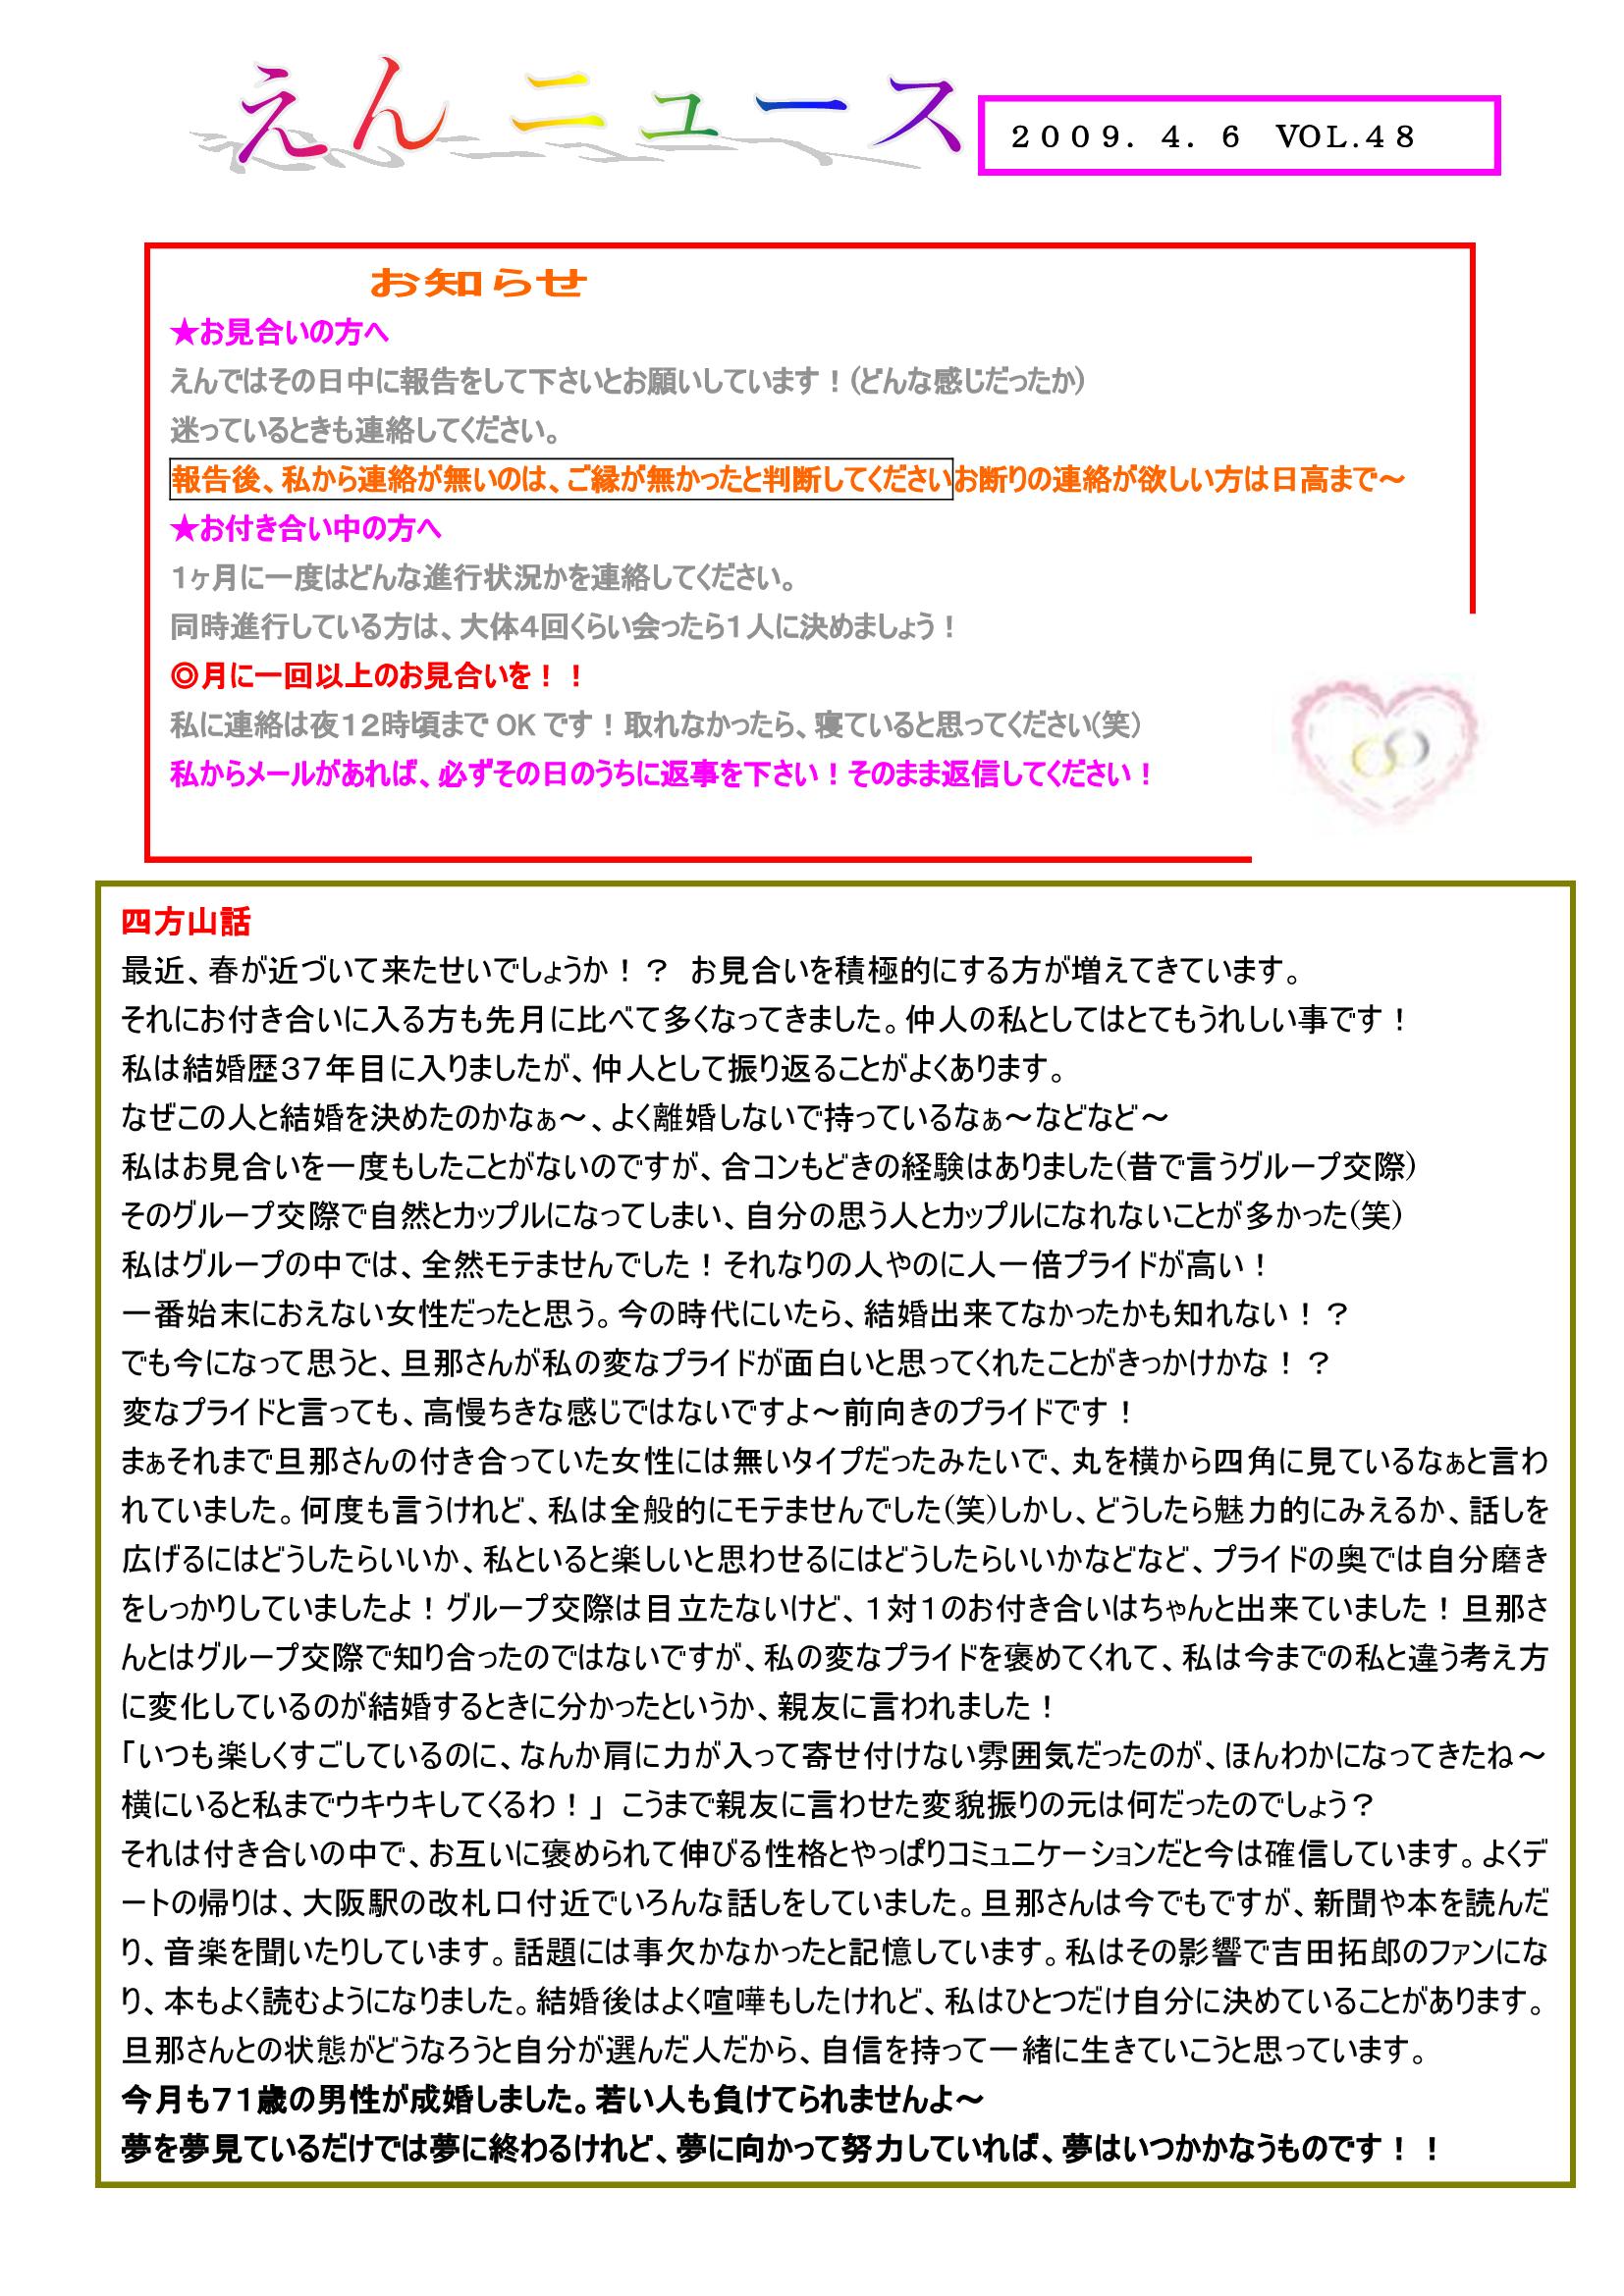 えんニュースnews-vol.4